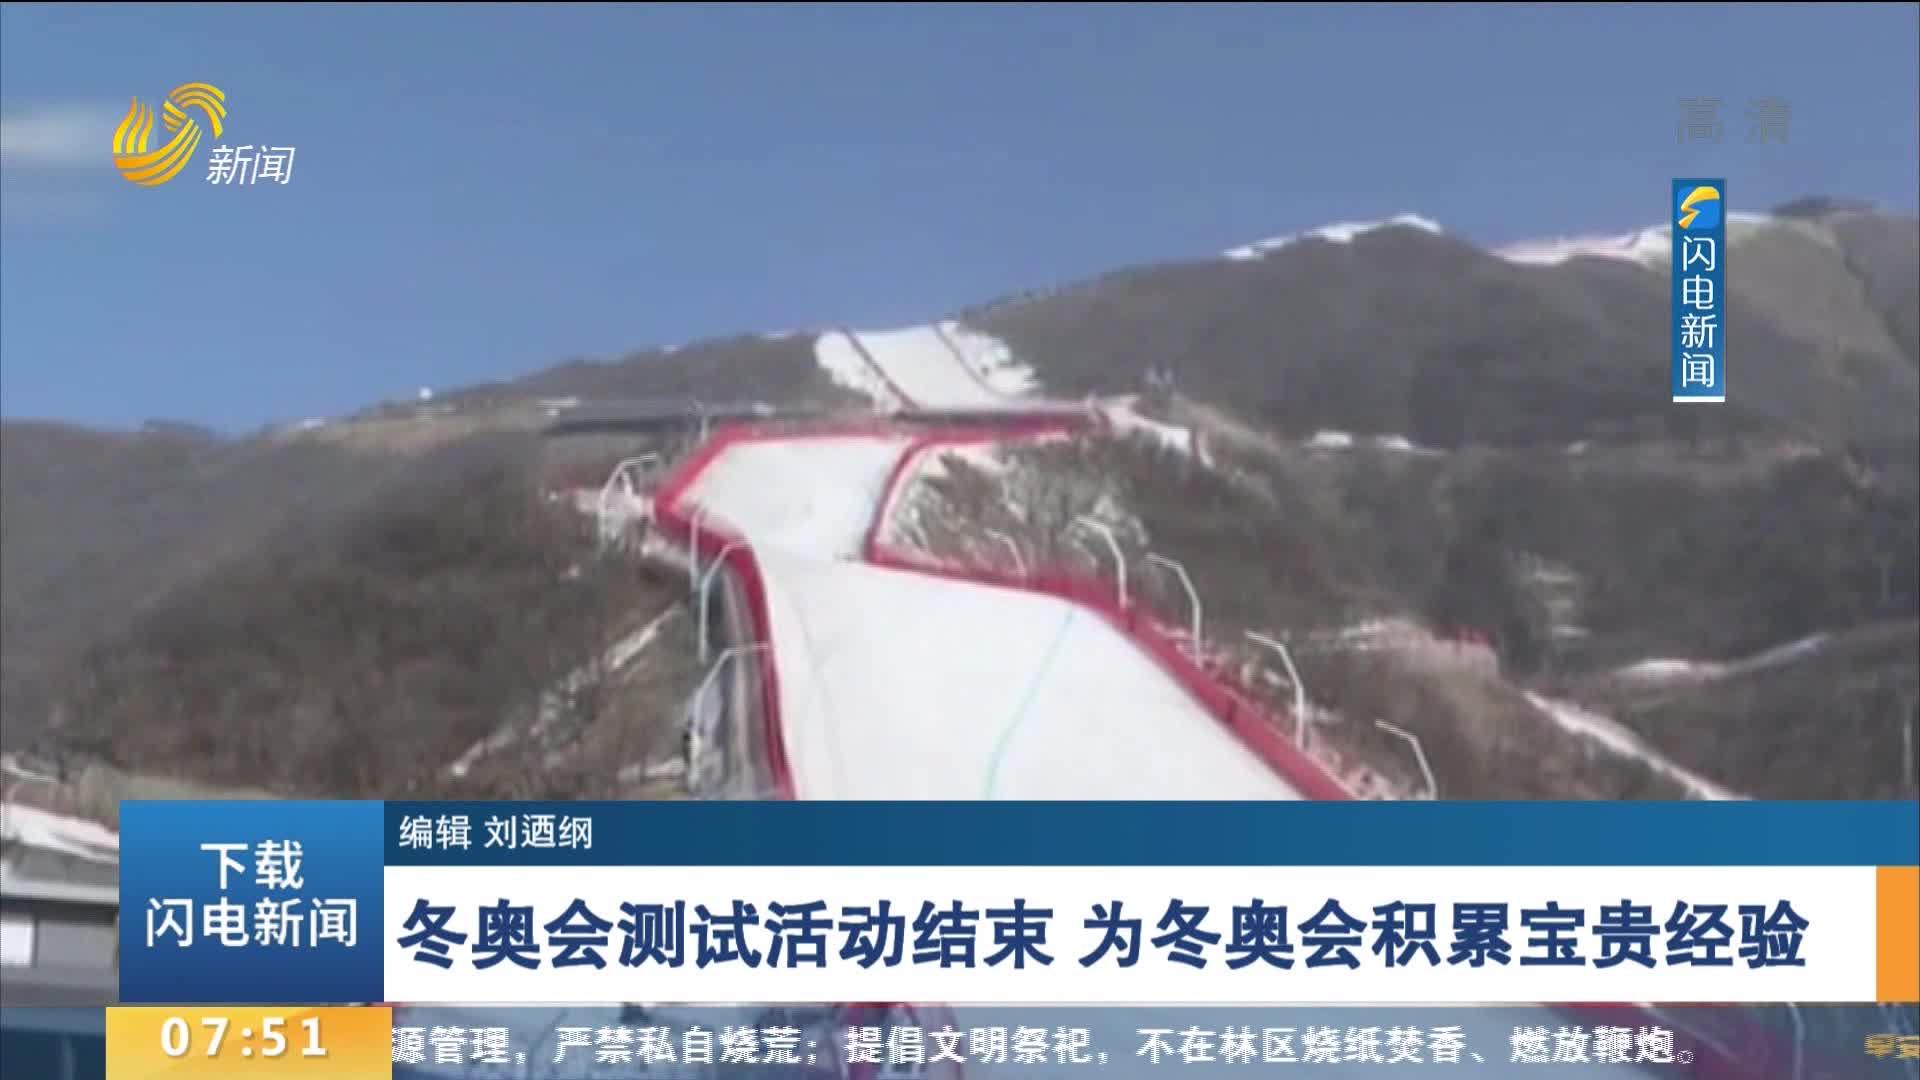 冬奥会测试活动结束 为冬奥会积累宝贵经验